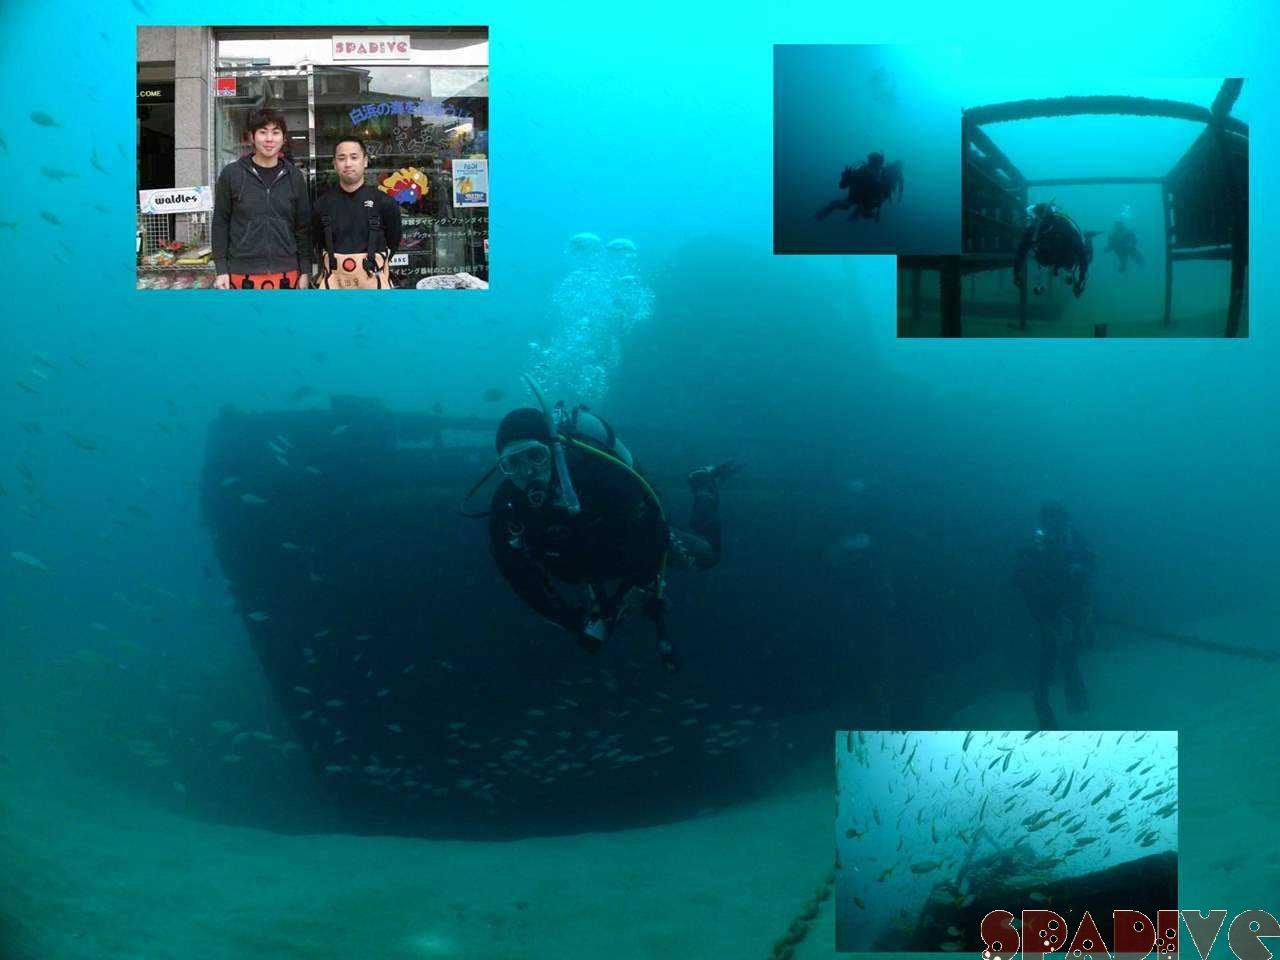 2009年初潜り|沈船&南の根ボートファンダイビング|1/2/2008白浜